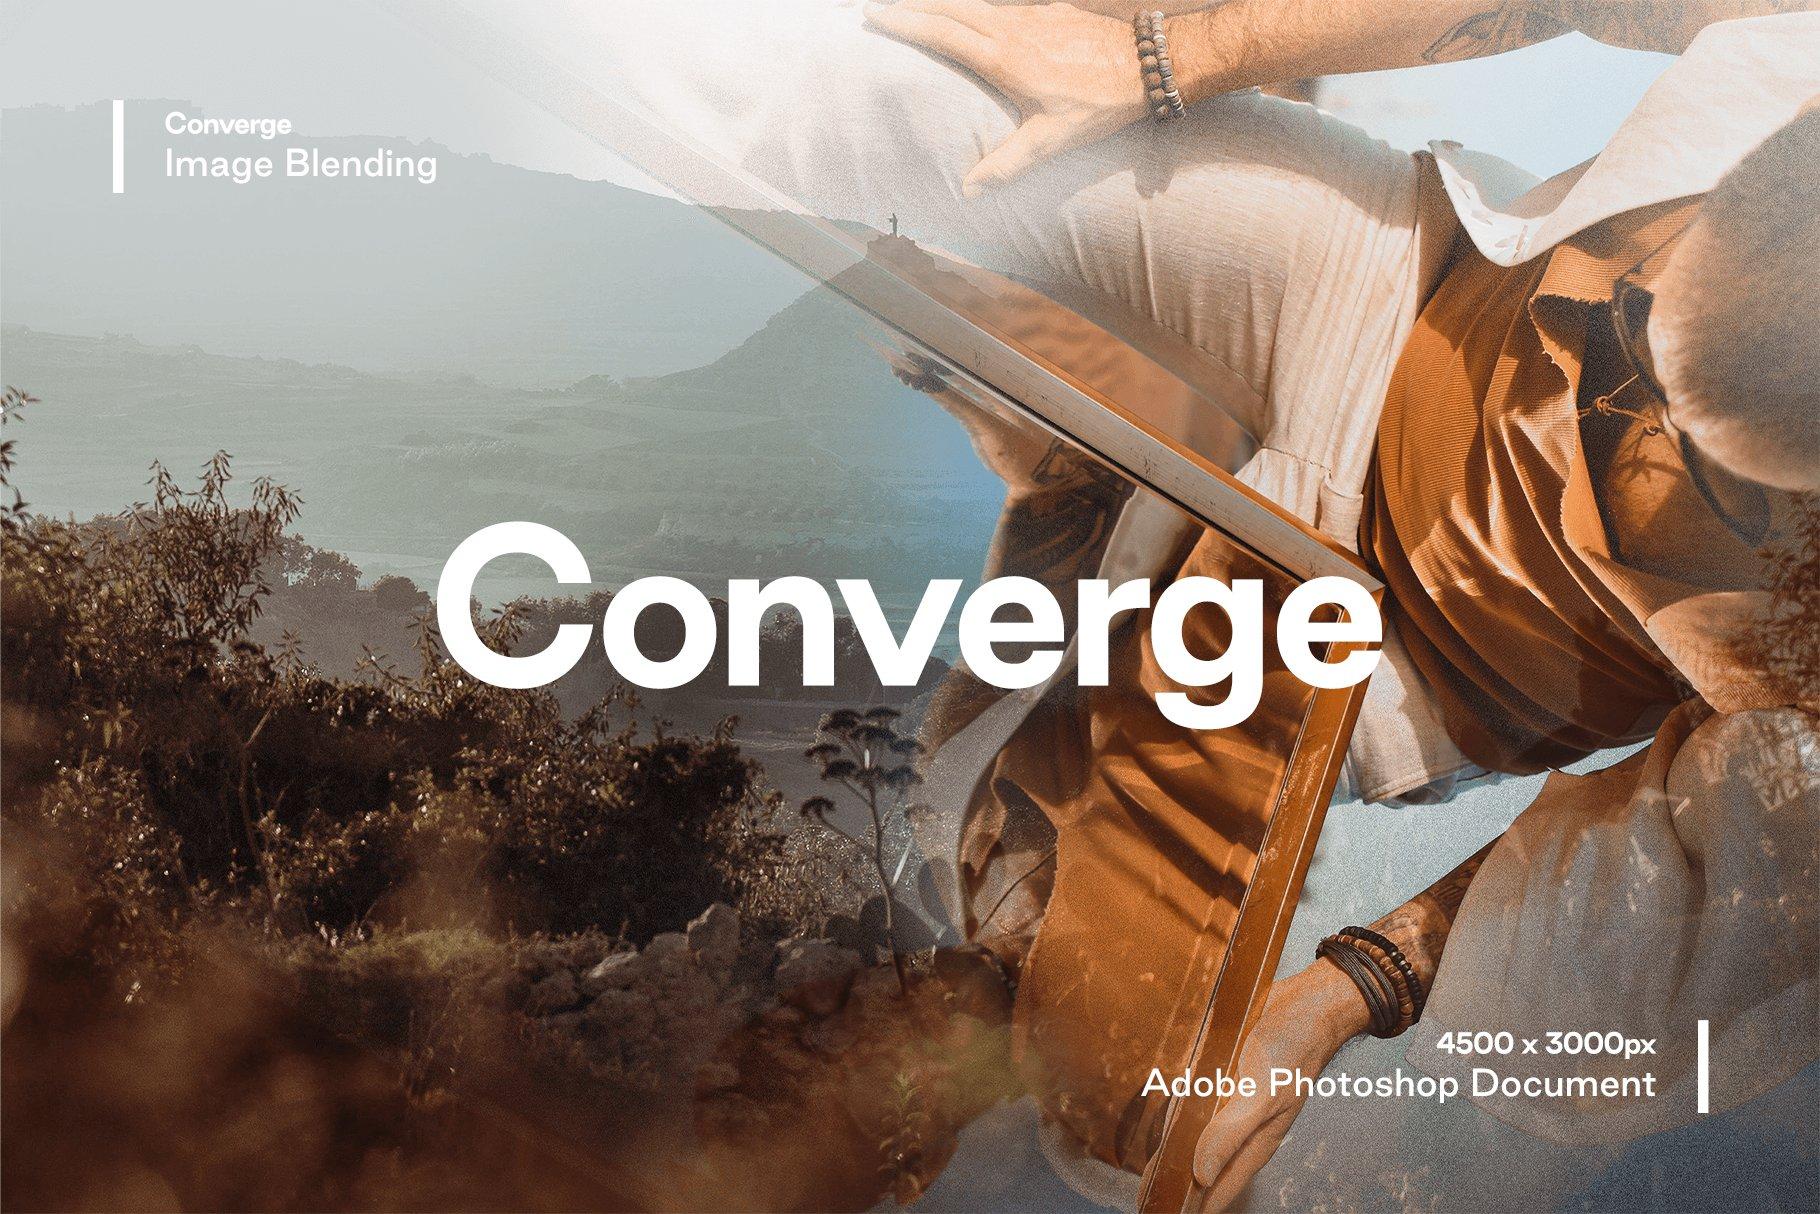 [淘宝购买] 多种曝光融合烟雾混合效果照片处理PS图层样式 Converge – Image Blending插图